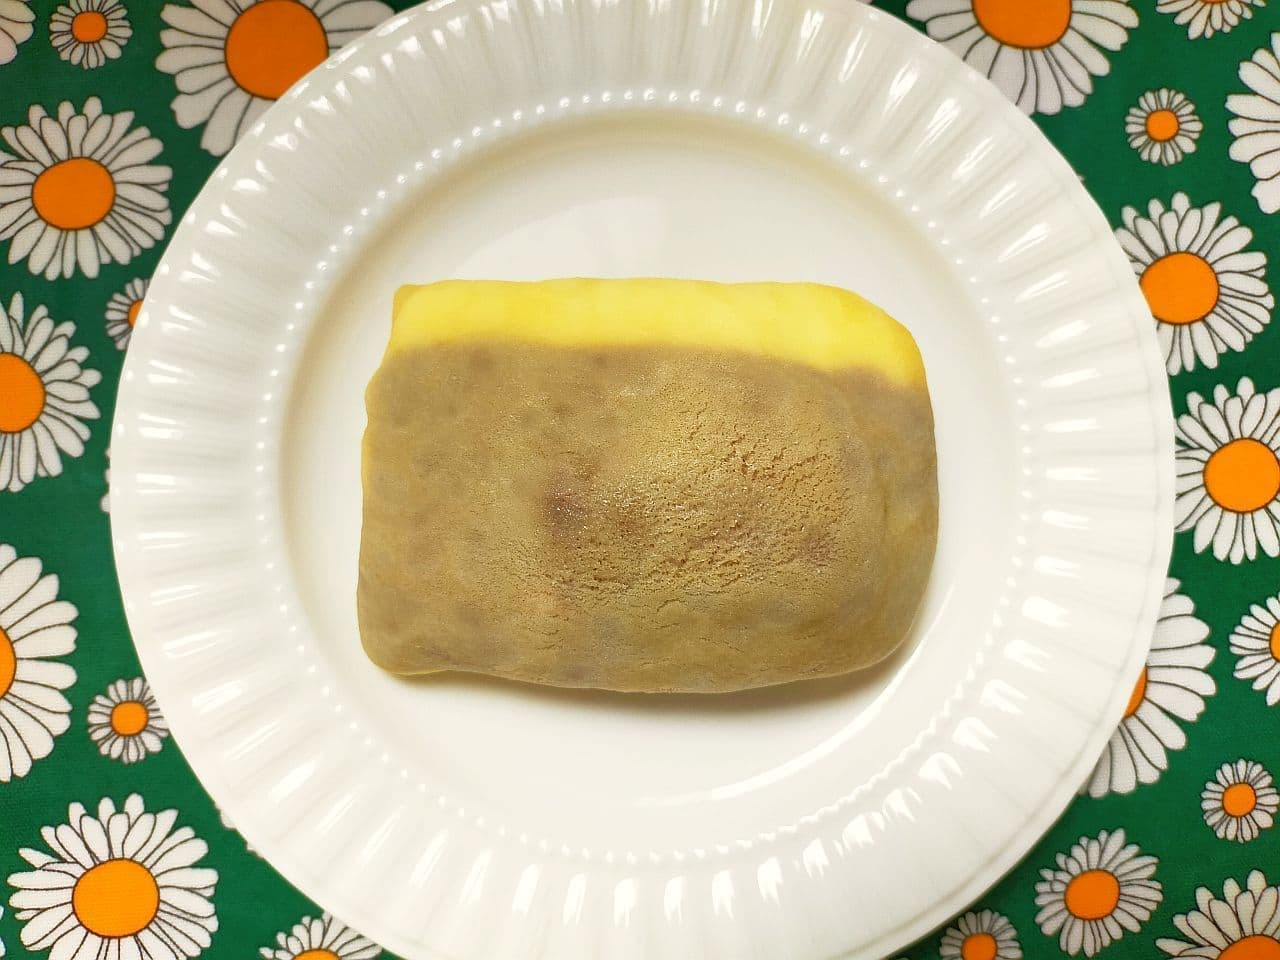 セブン-イレブン「チョコバナナクレープ」